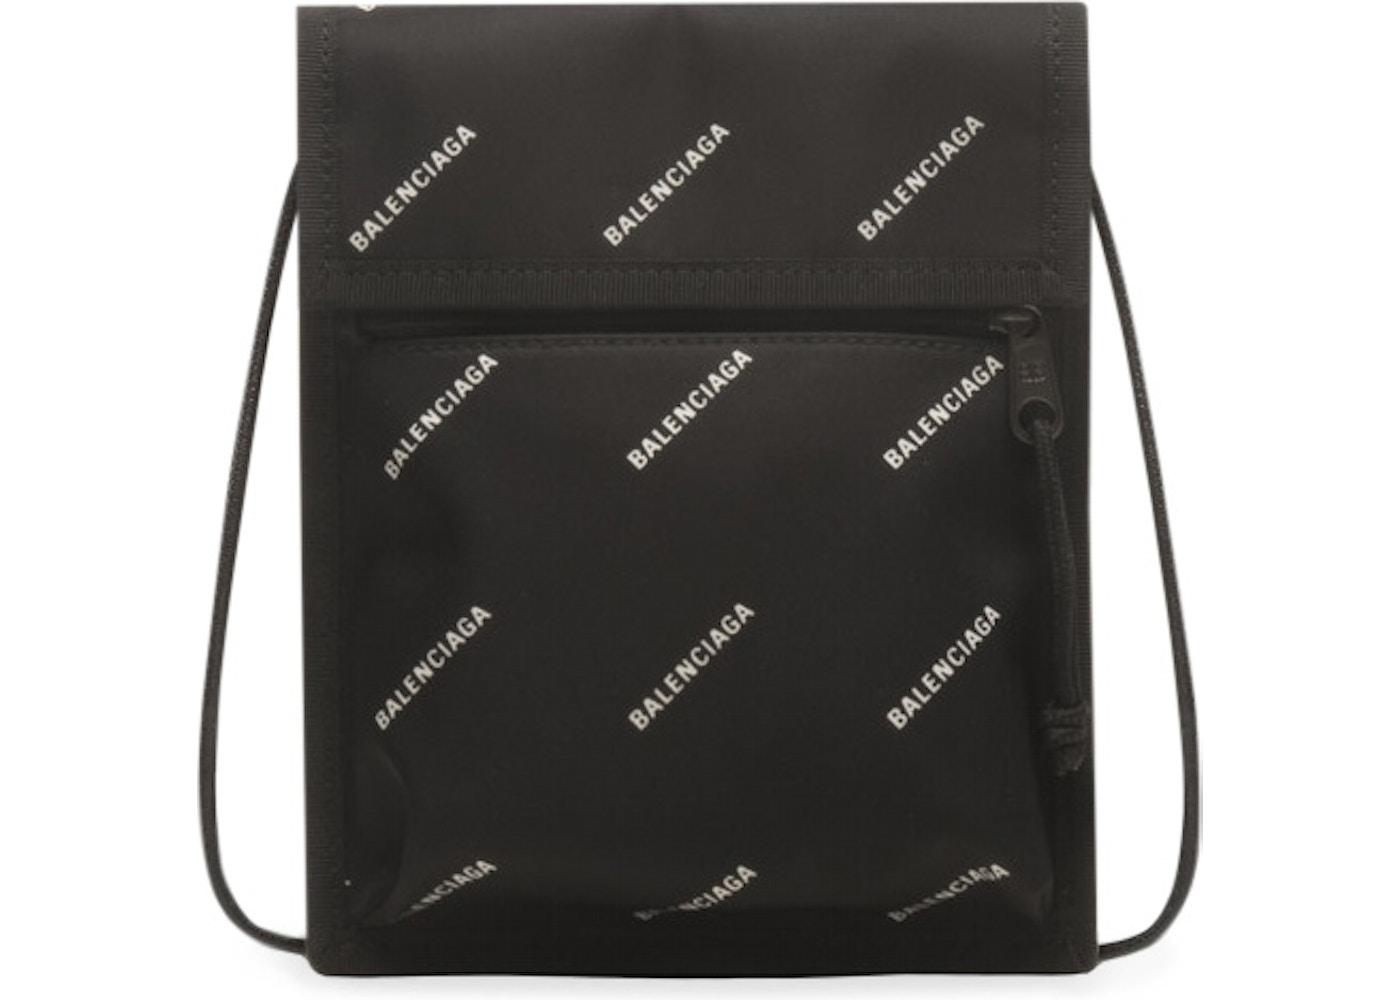 0d9d28d64ec Balenciaga Explorer Pouch Strap Logos Small Black/White. Logos Small Black/ White